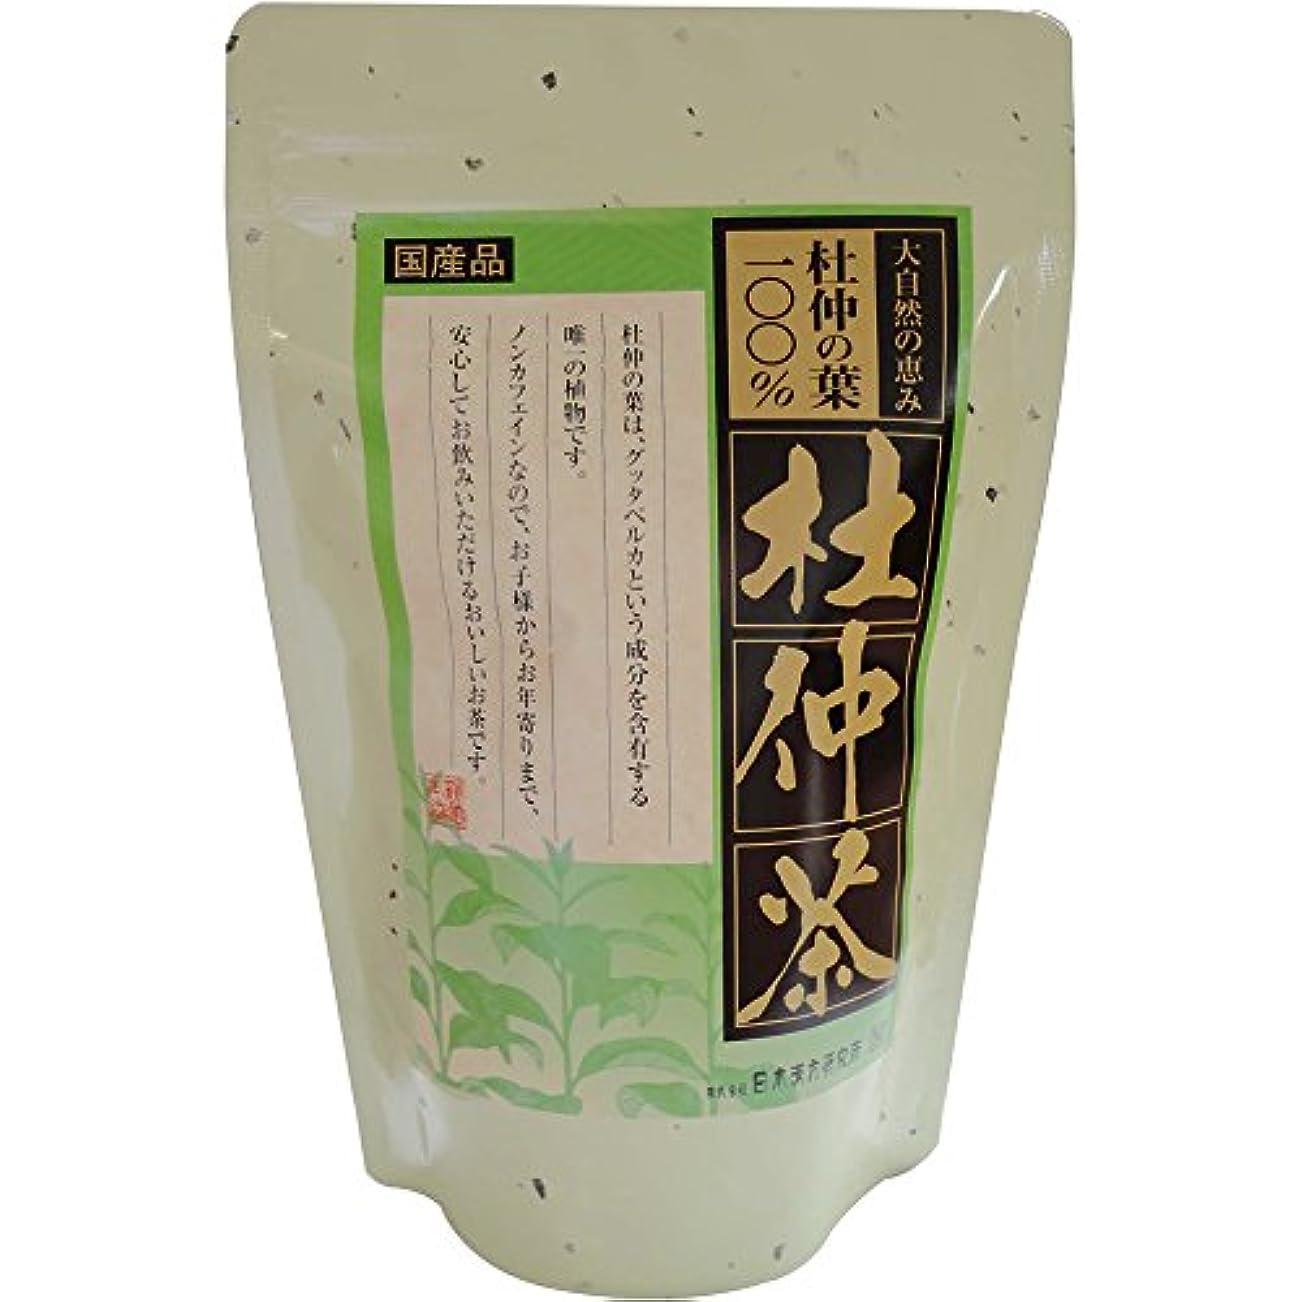 取るに足らない効率田舎者杜仲茶100%(国産品) 2g×30包入